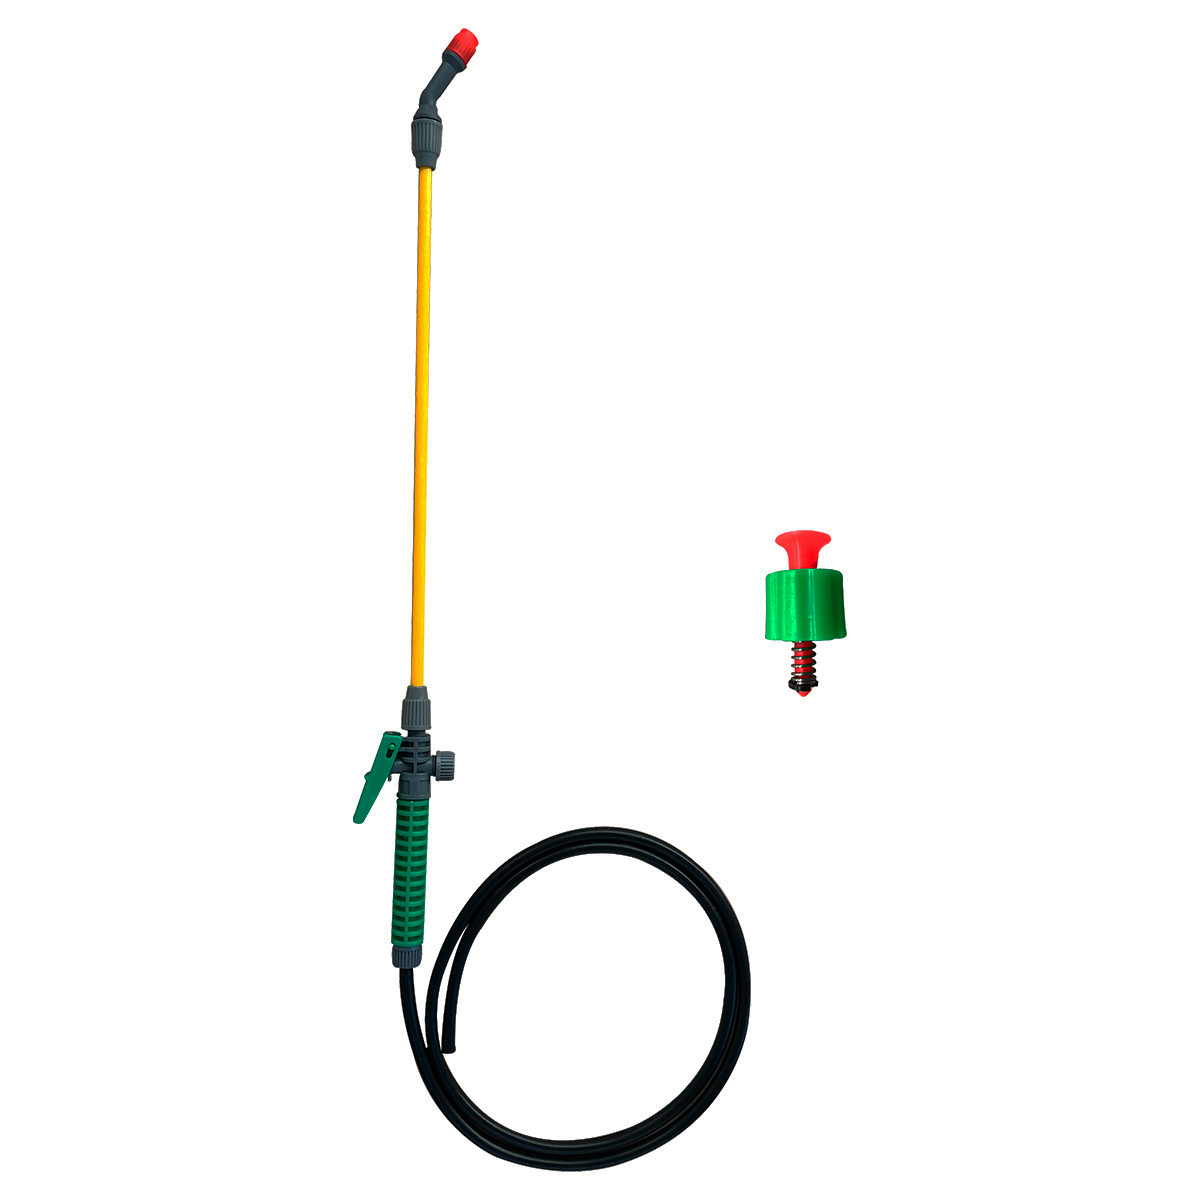 Kit Reparo 5/8 Litros Com Válvula de alívio + Mangueira + Lança Completa